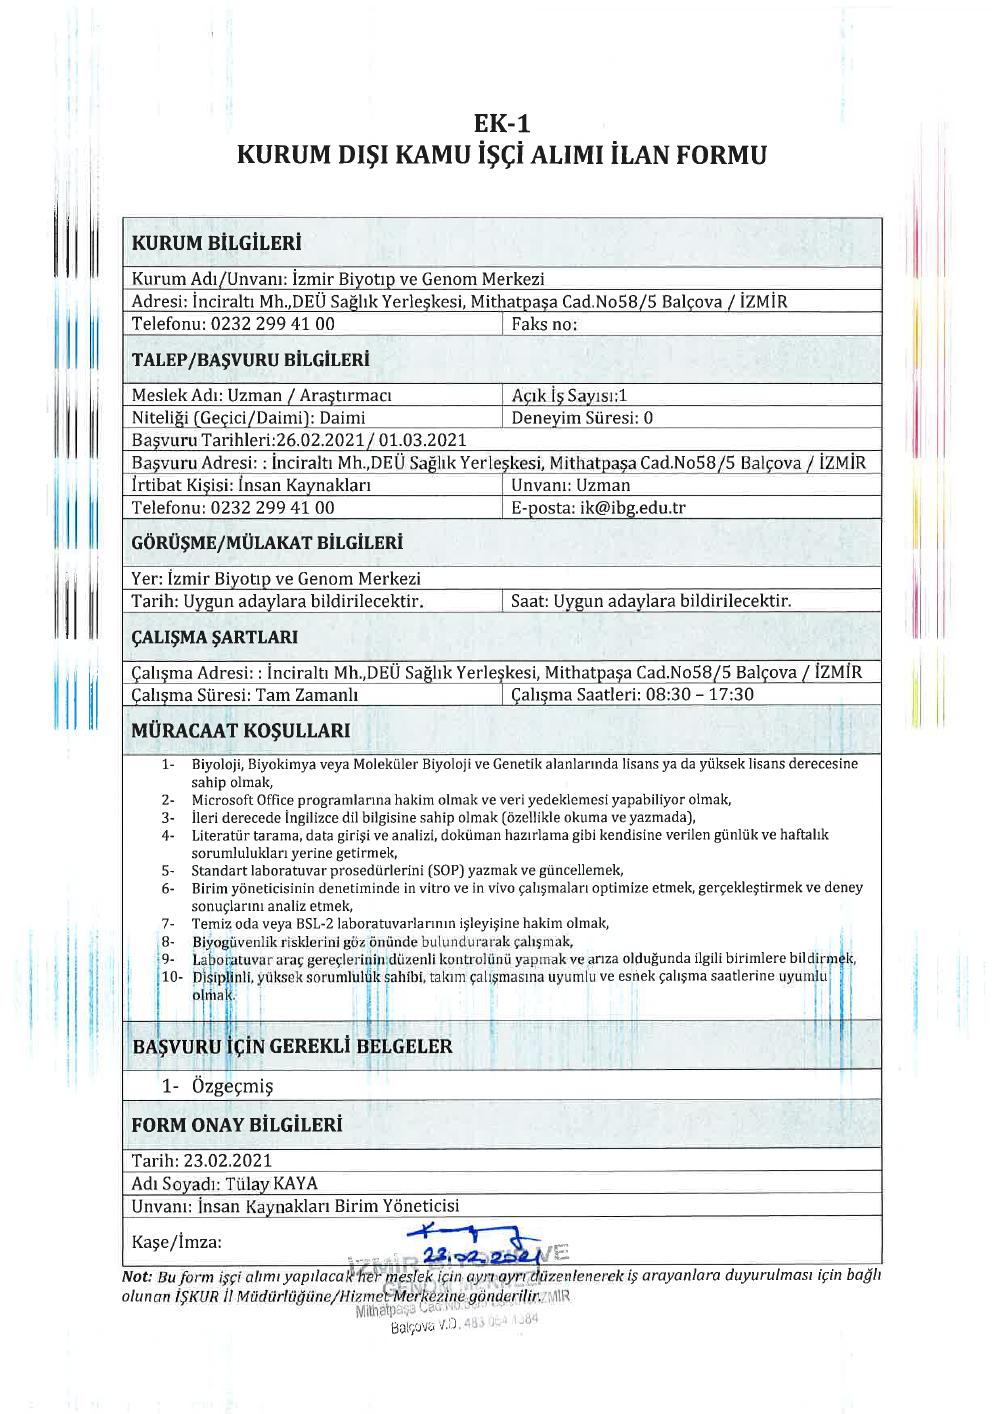 izmir-biyotip-ve-genom-merkezi-01-03-2021-000002.png